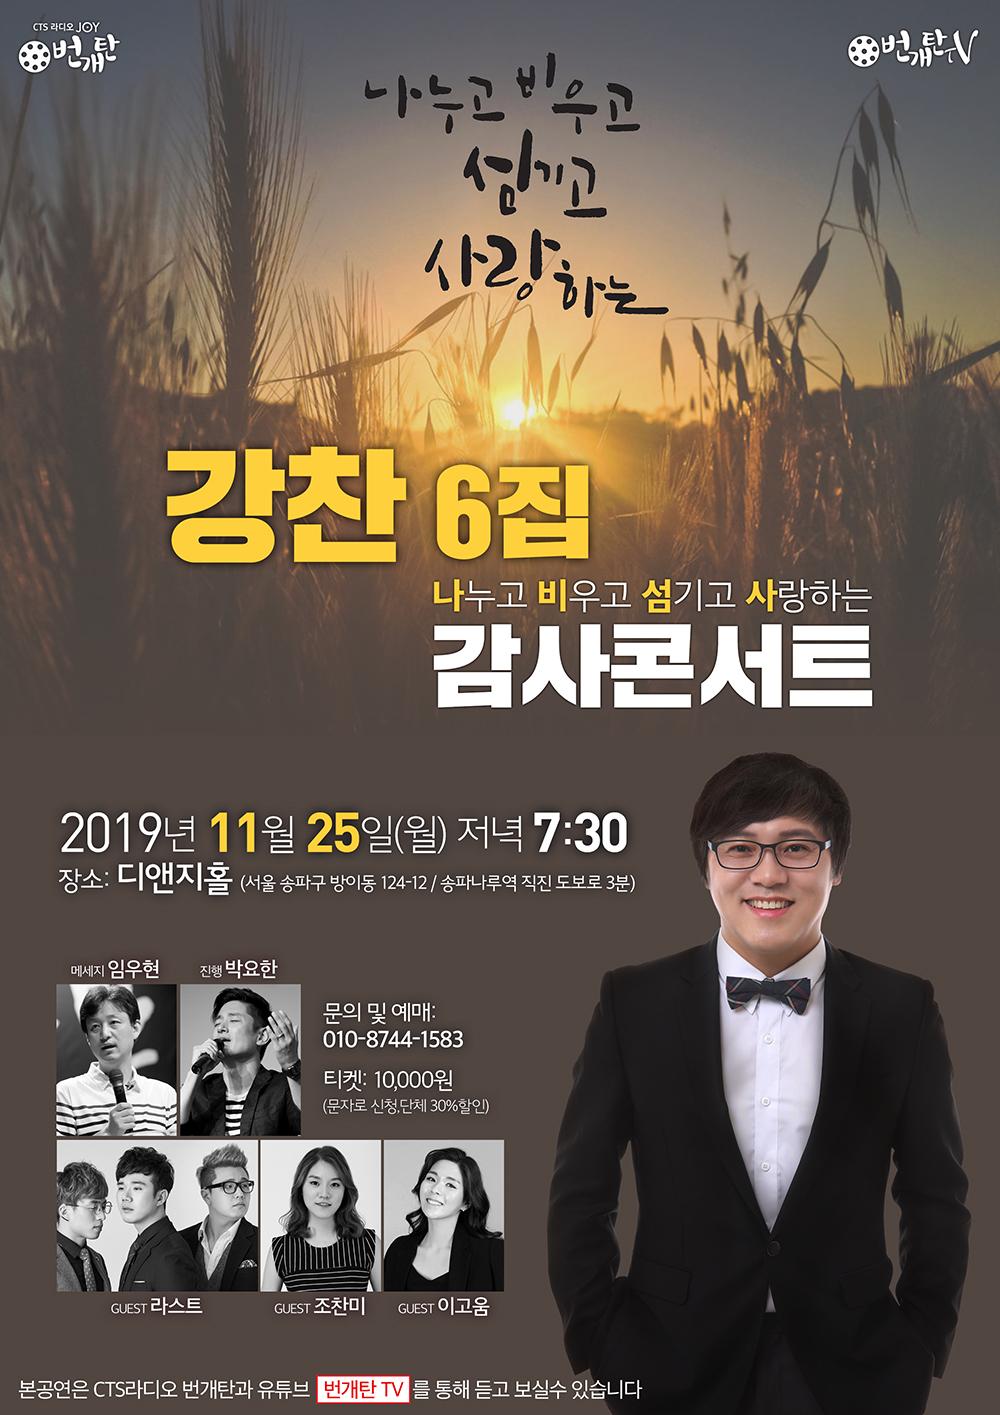 강찬6집 '나비섬사' 감사콘서트 2019.11.25월